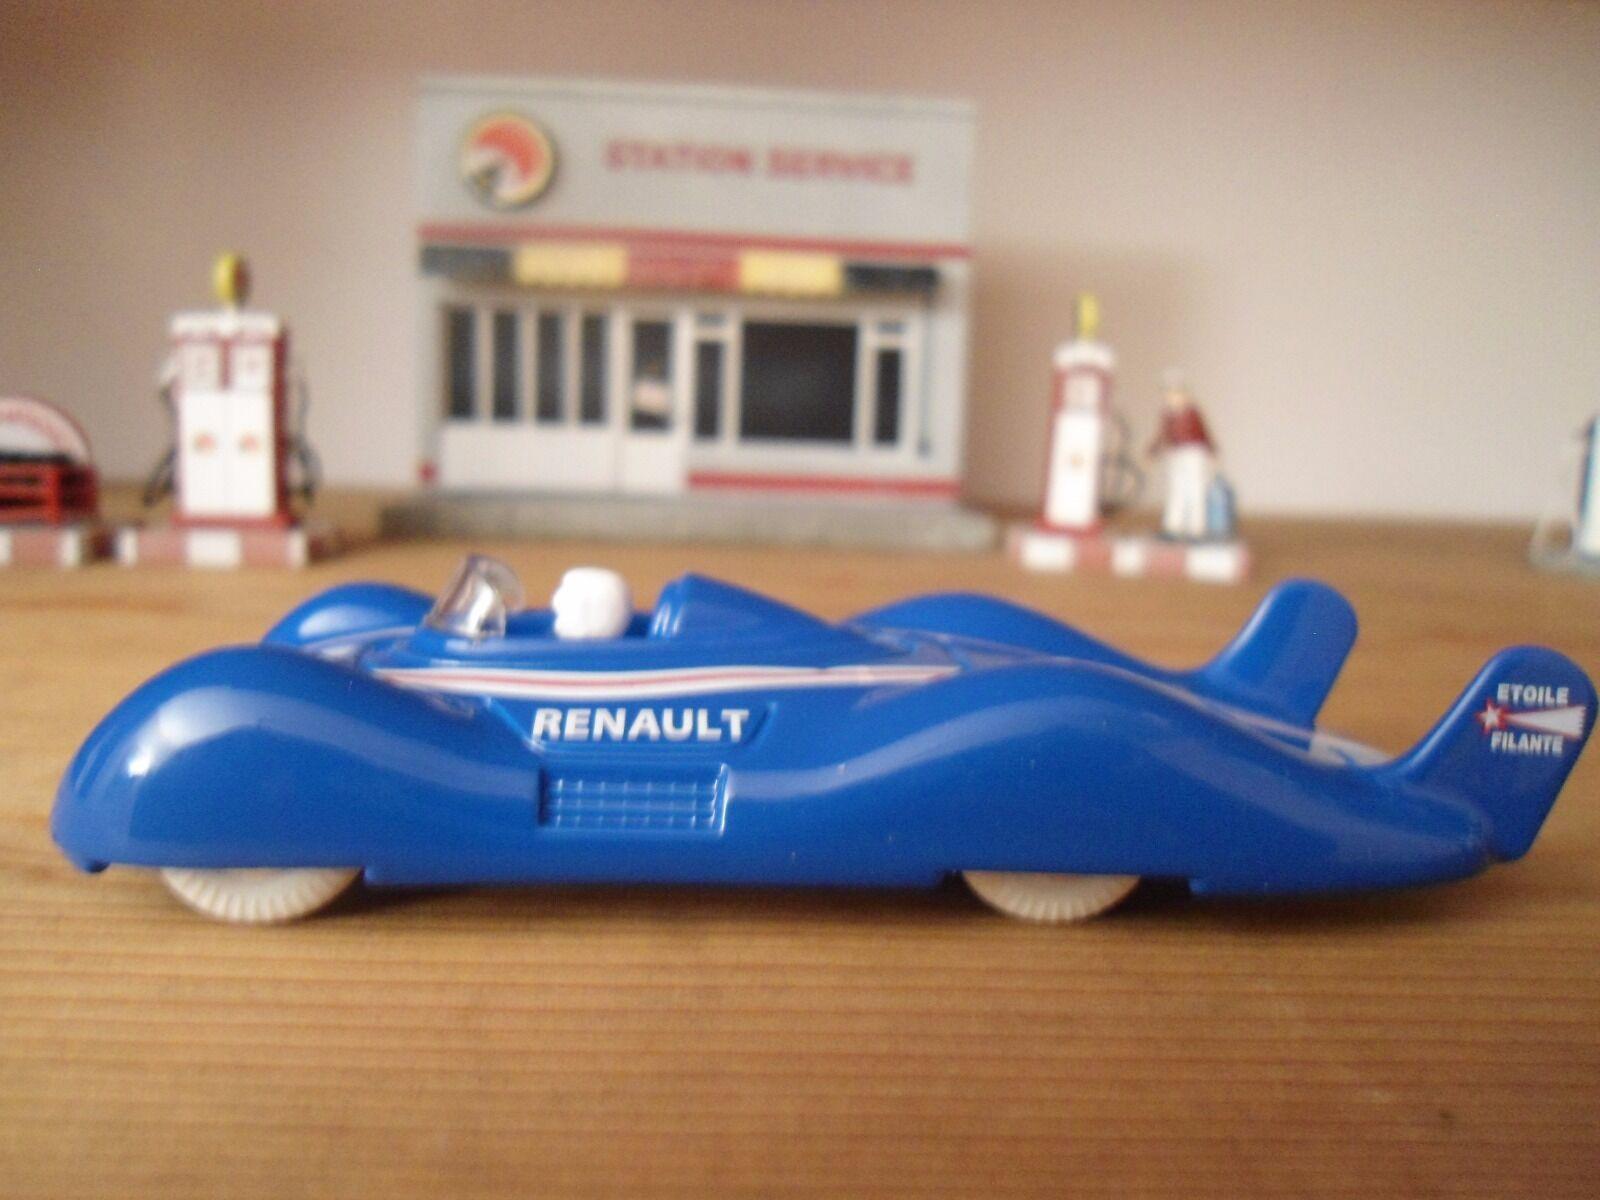 Renault Etoile Filante 1956 1 43eme Éligor NEUVE